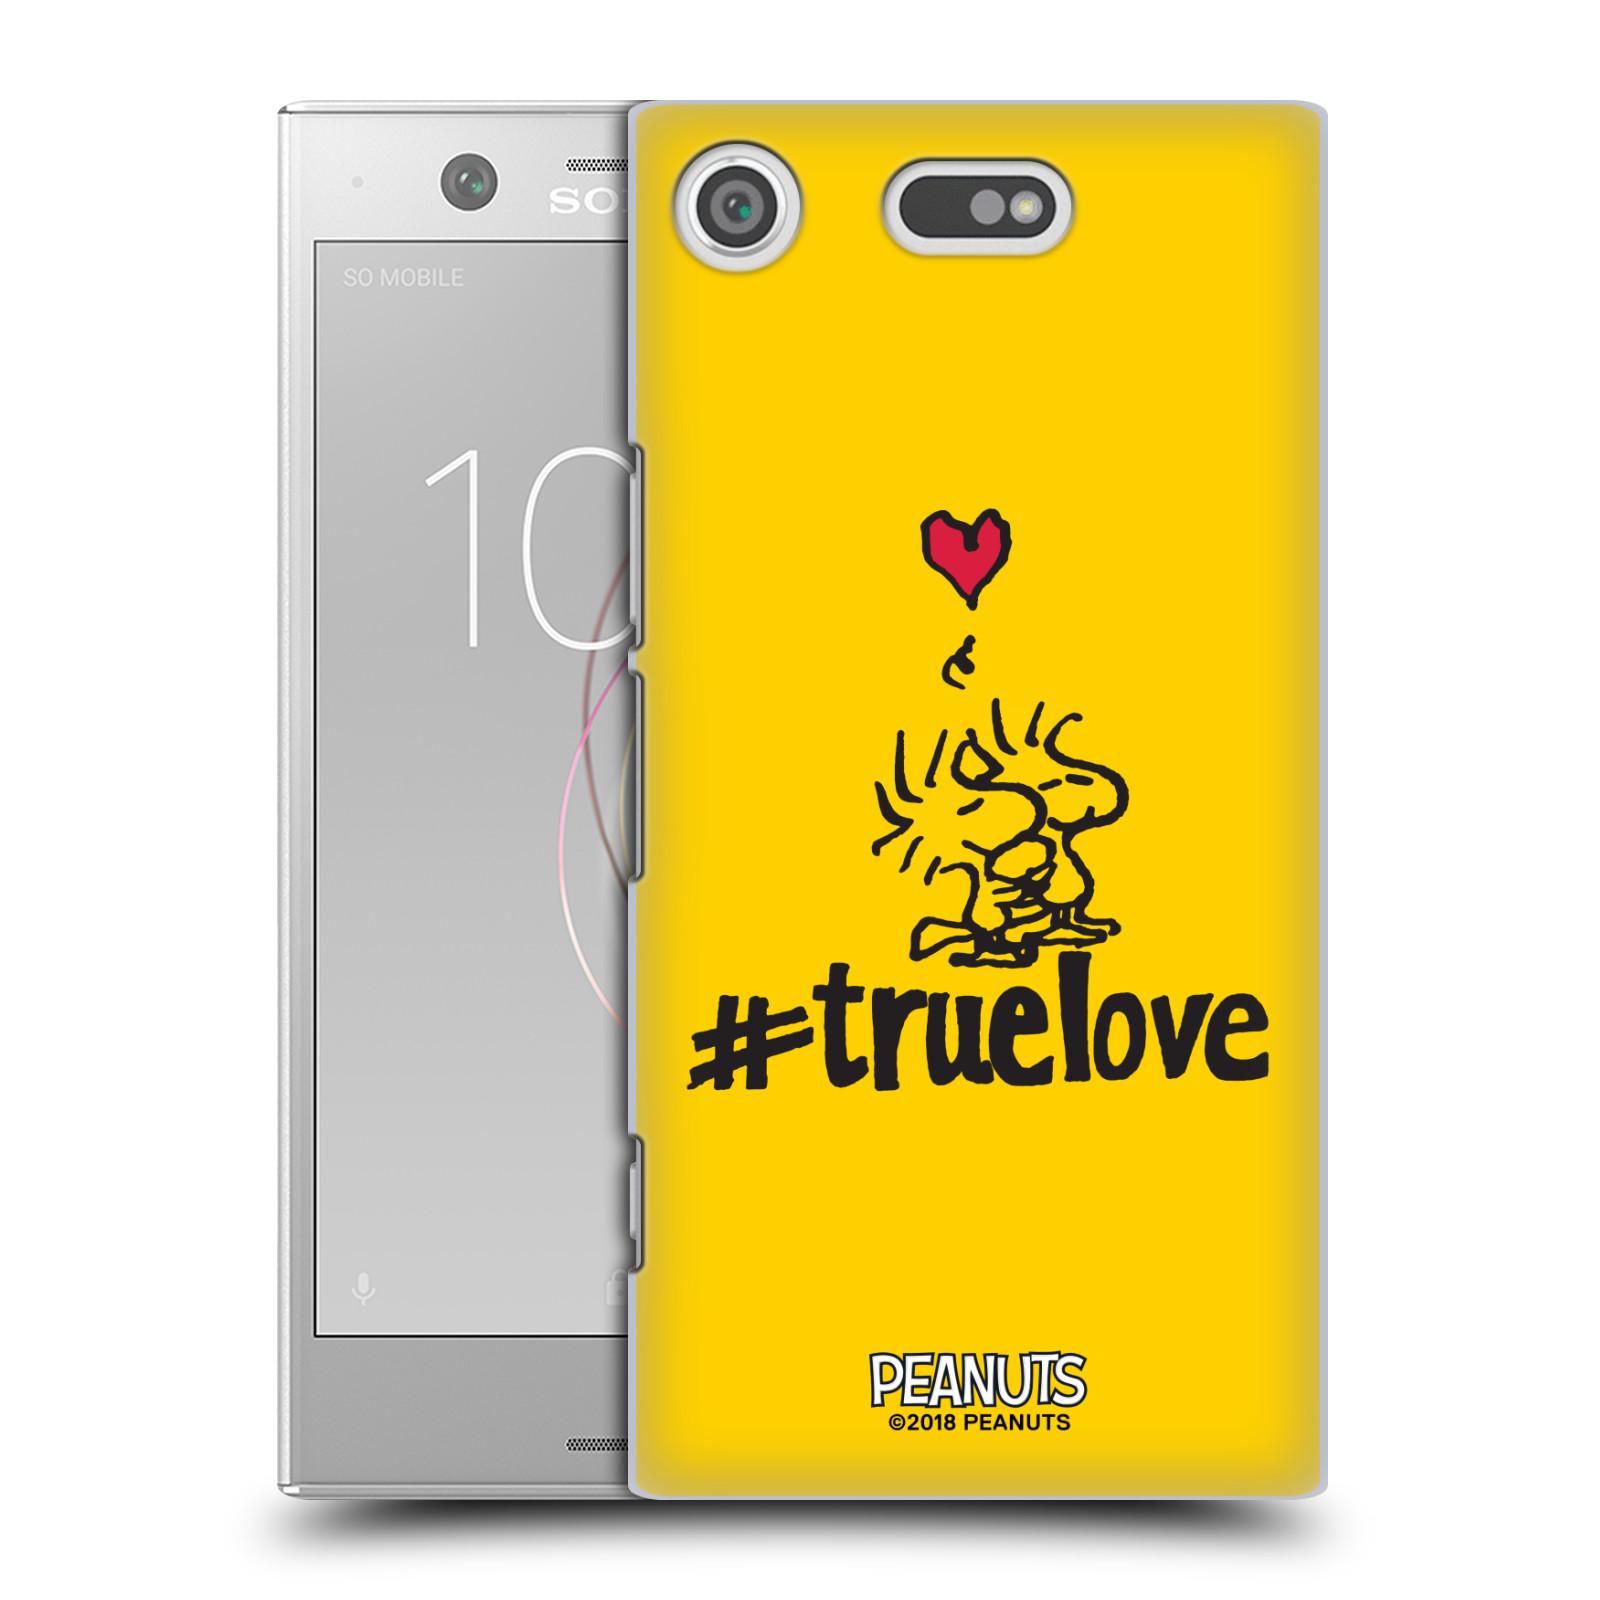 Pouzdro na mobil Sony Xperia XZ1 COMPACT Oficiální motiv Peanuts ptáčci žlutá barva srdíčko